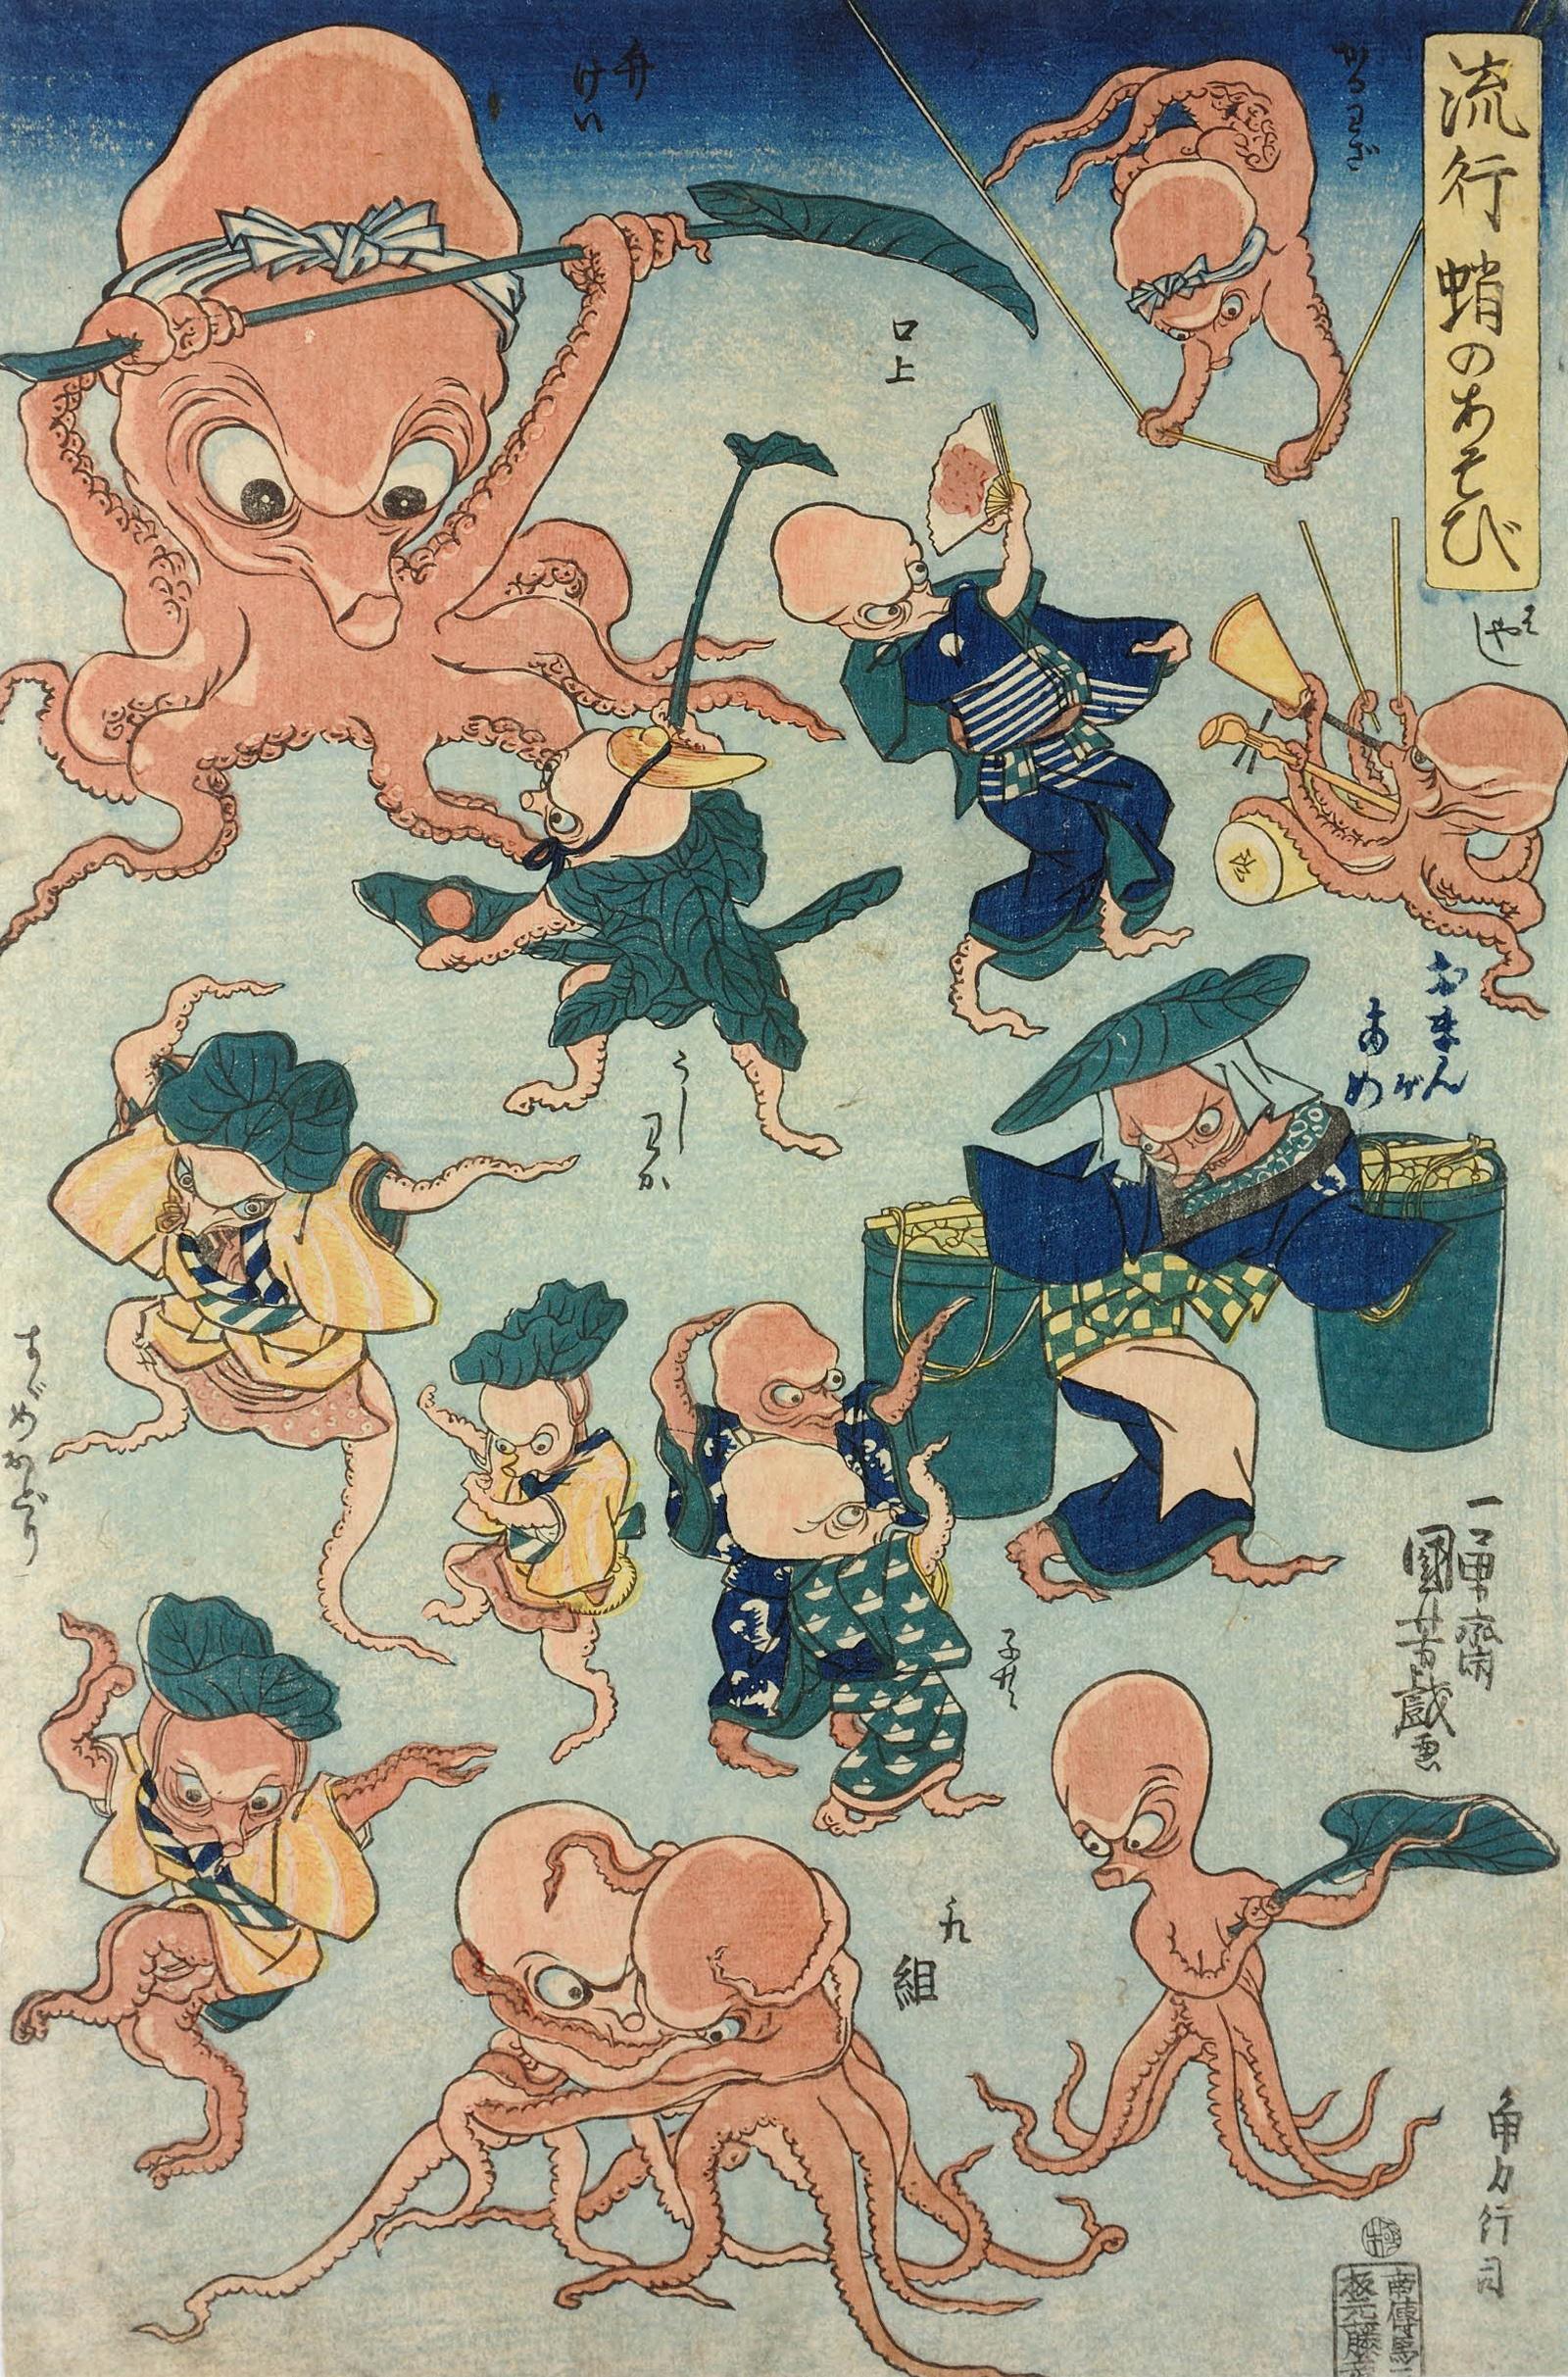 Ryuko tako no asobi (Fashionable Octopus Games) 1840-42